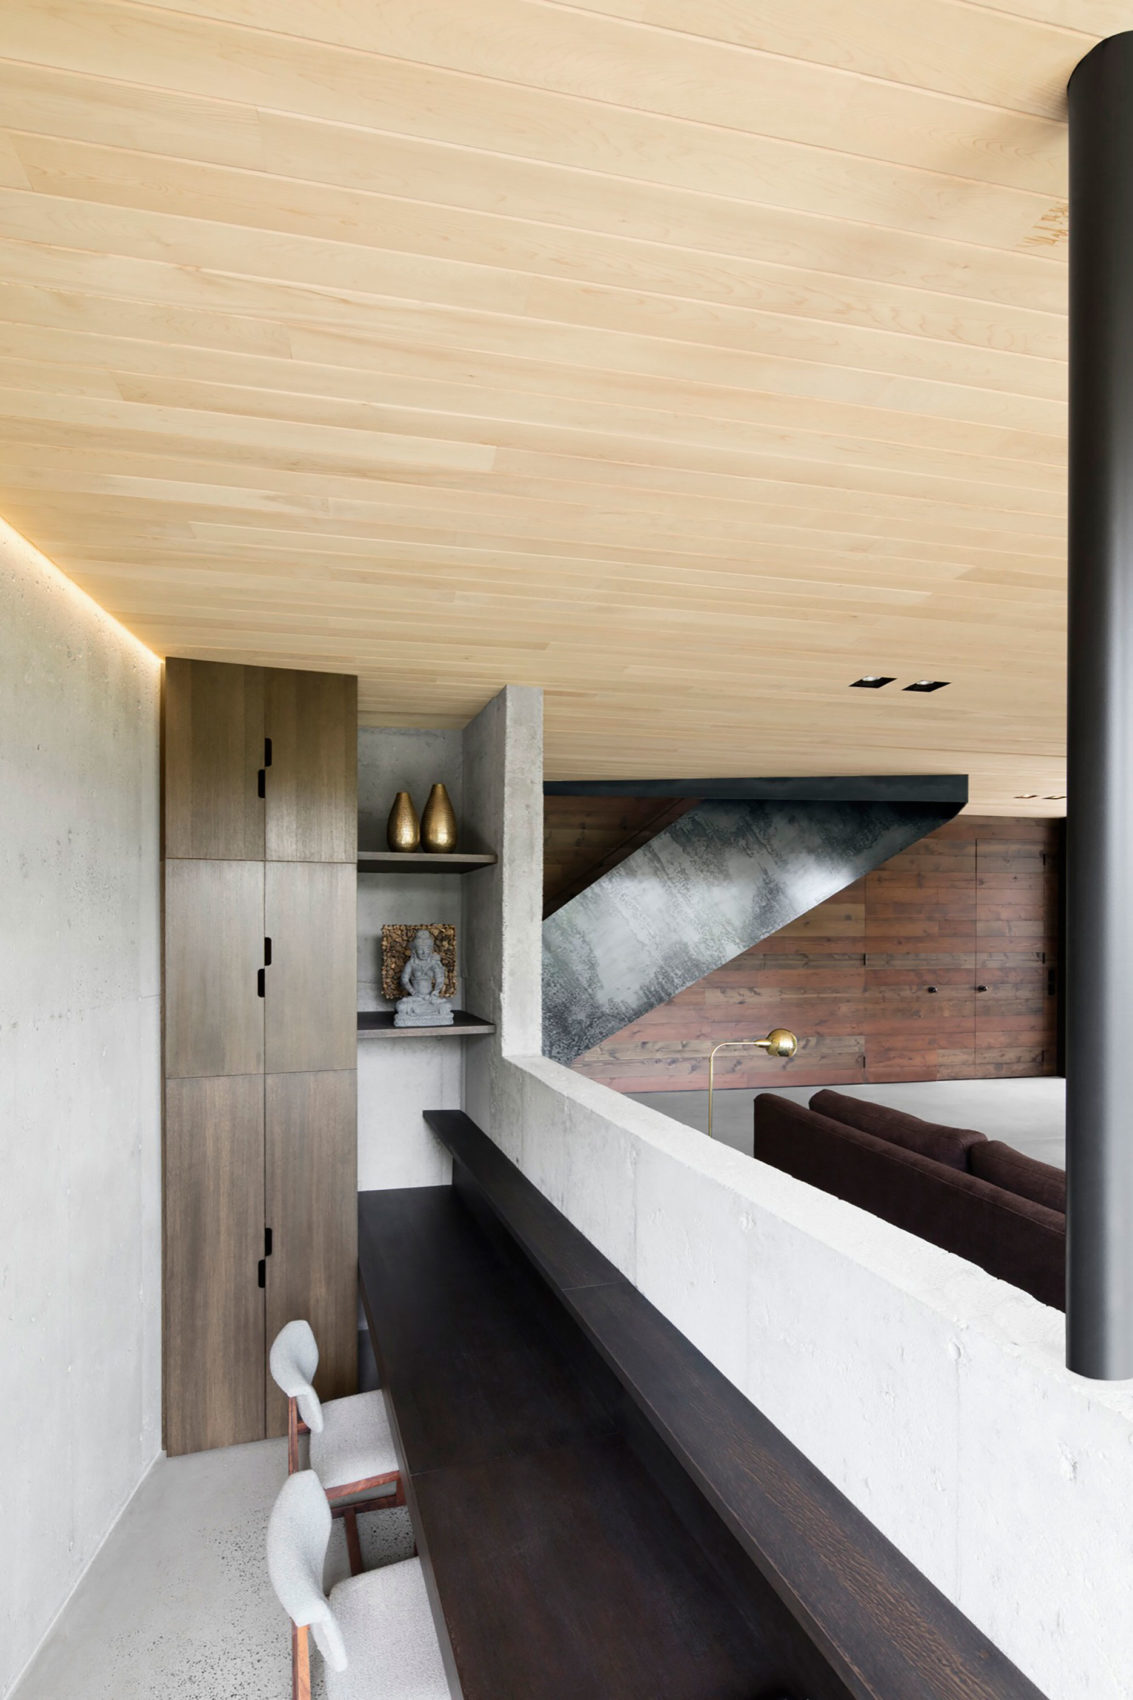 La Héronnière by Alain Carle Architecte (13)